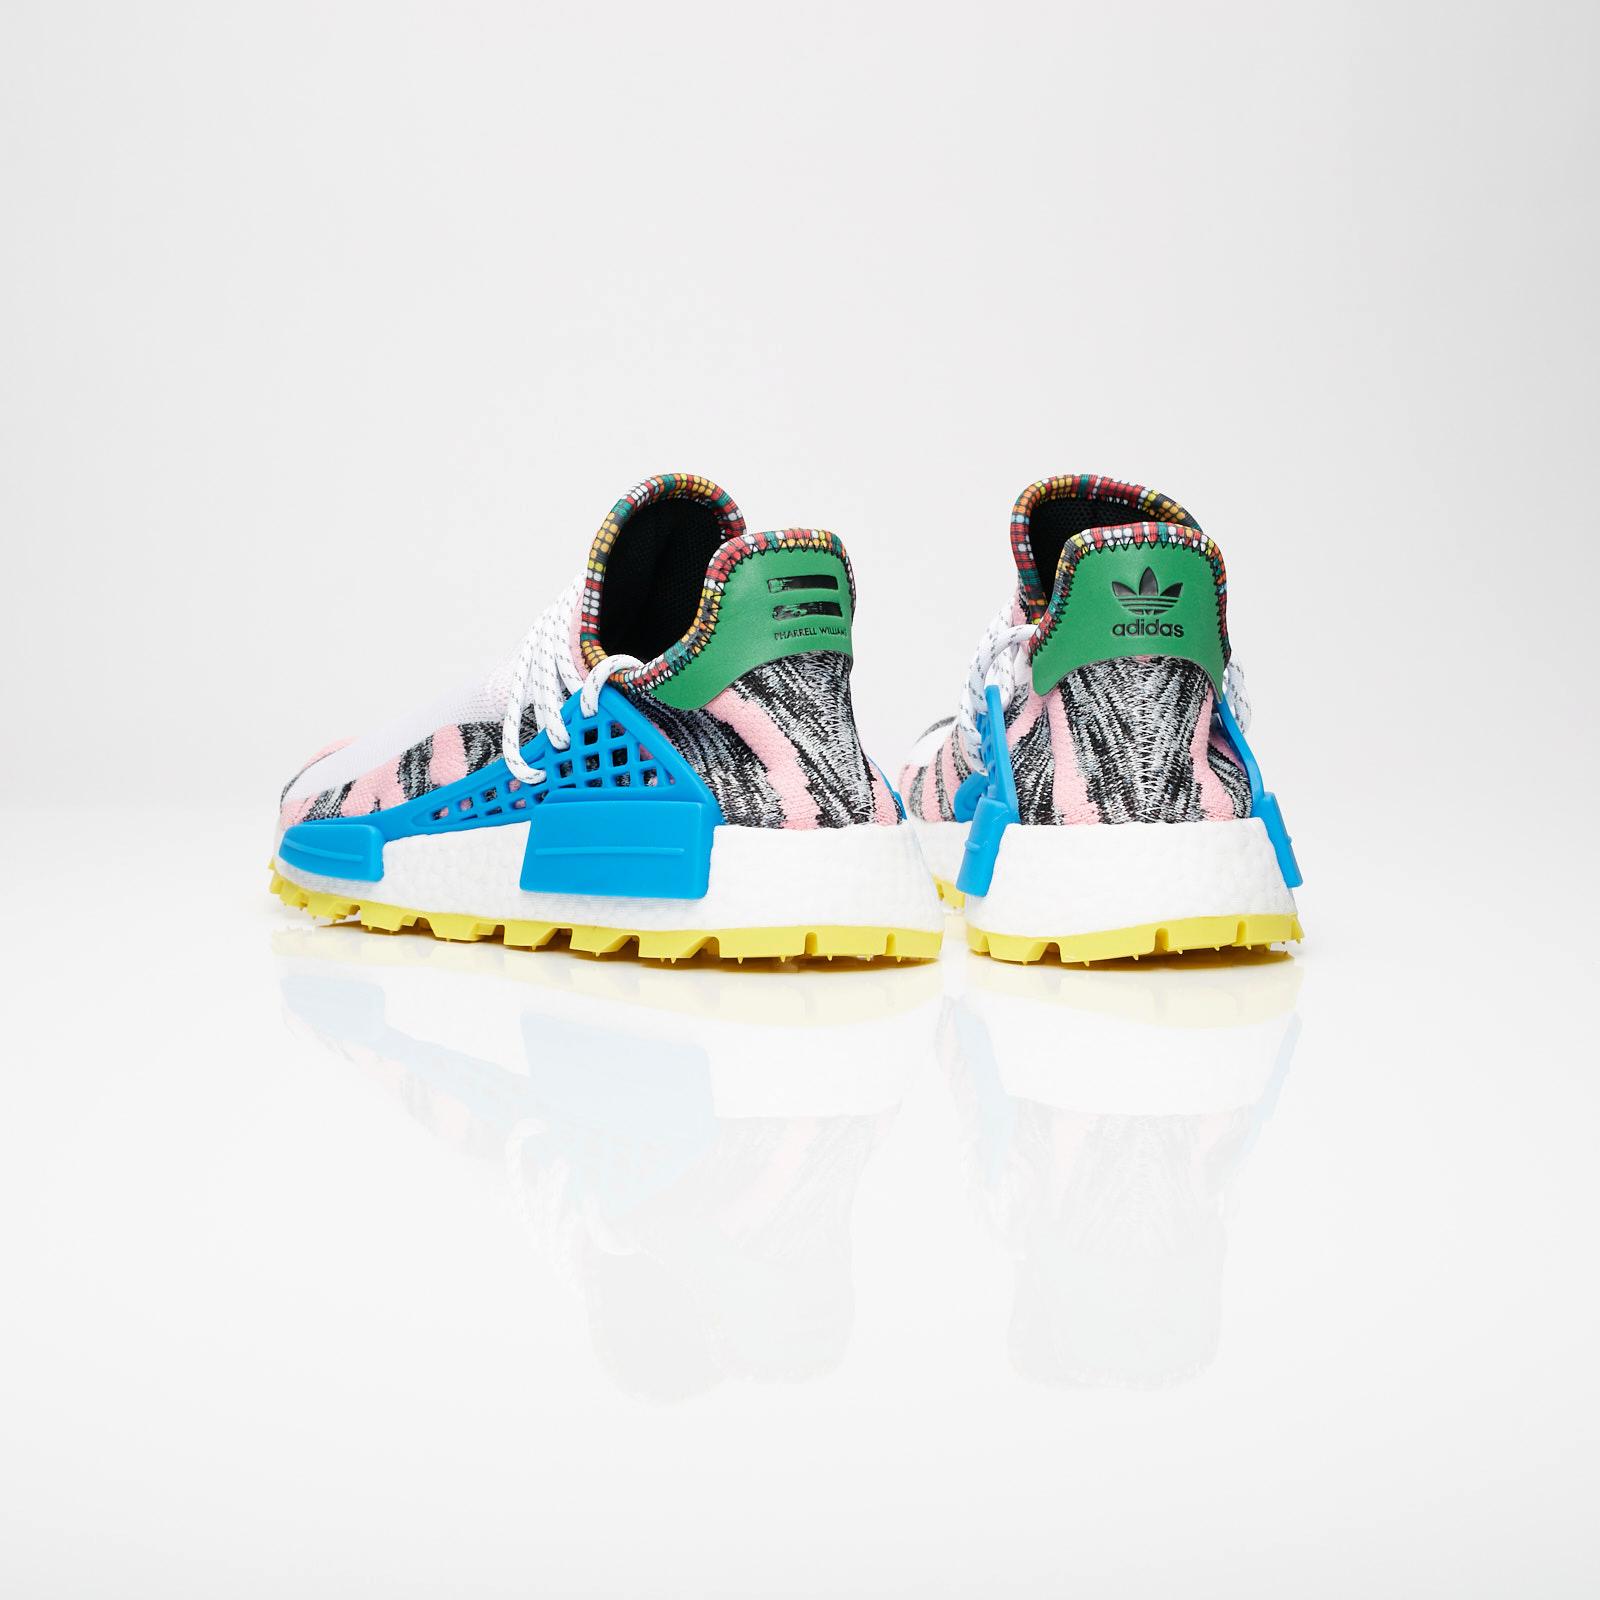 4a07f2acd adidas Solar HU NMD x Pharrell Williams - Bb9531 - Sneakersnstuff ...